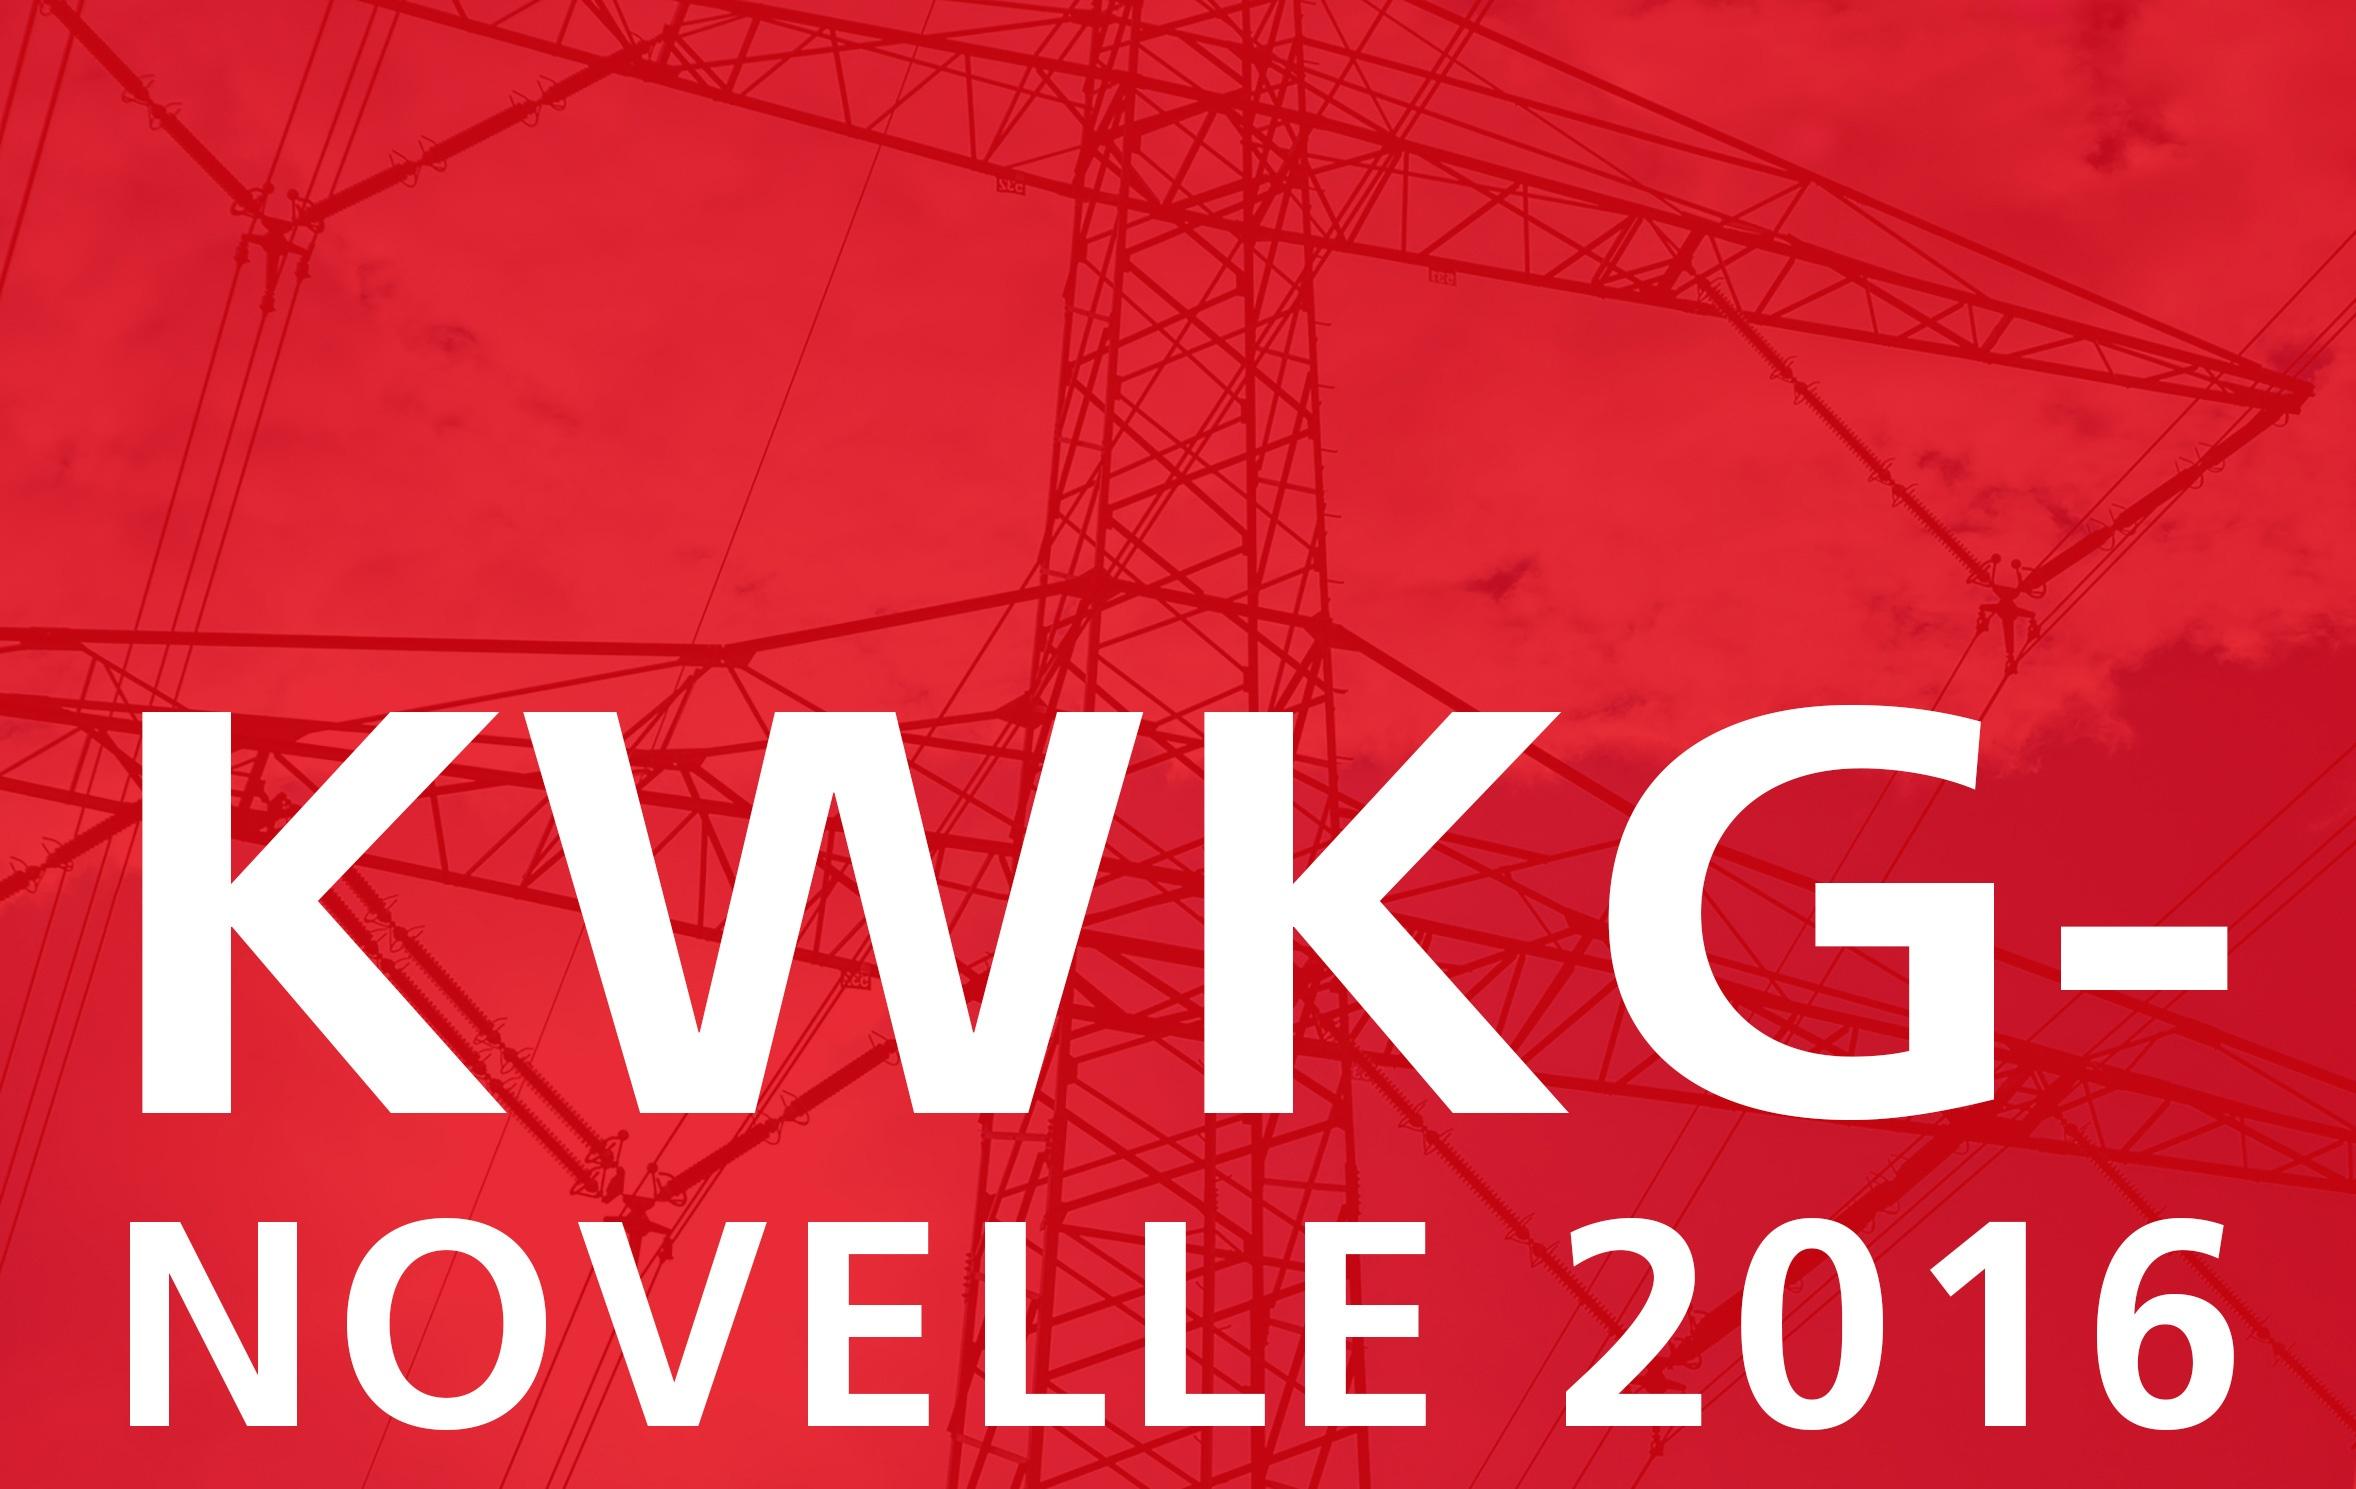 KWKG Novelle 2016